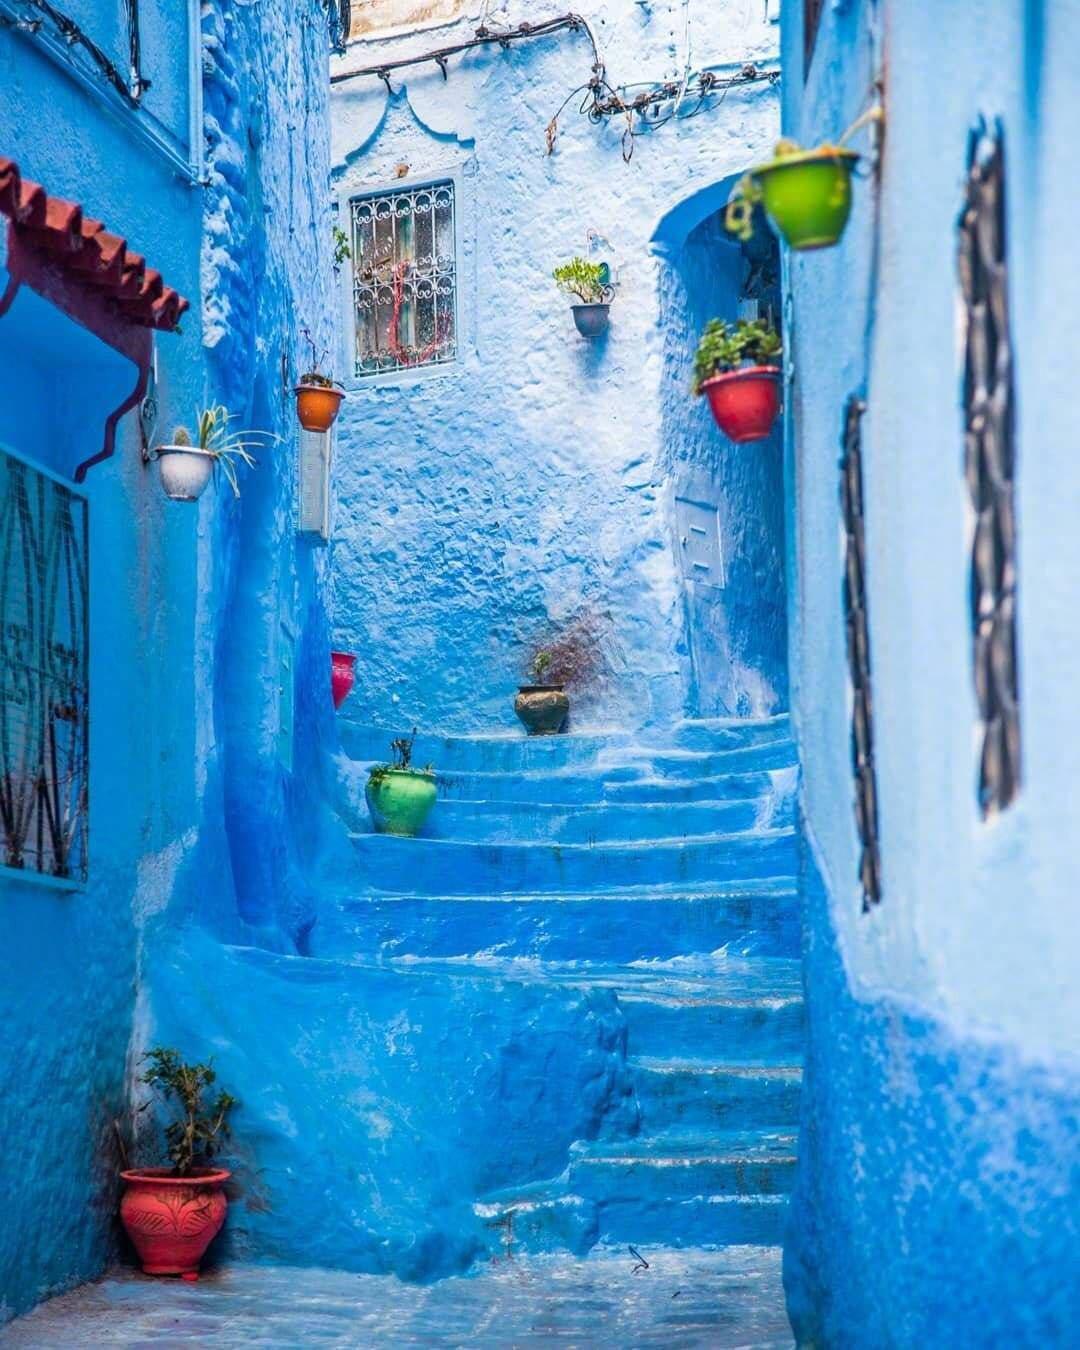 迷人的摩洛哥蓝色小镇 舍夫沙万ins:rrrudya